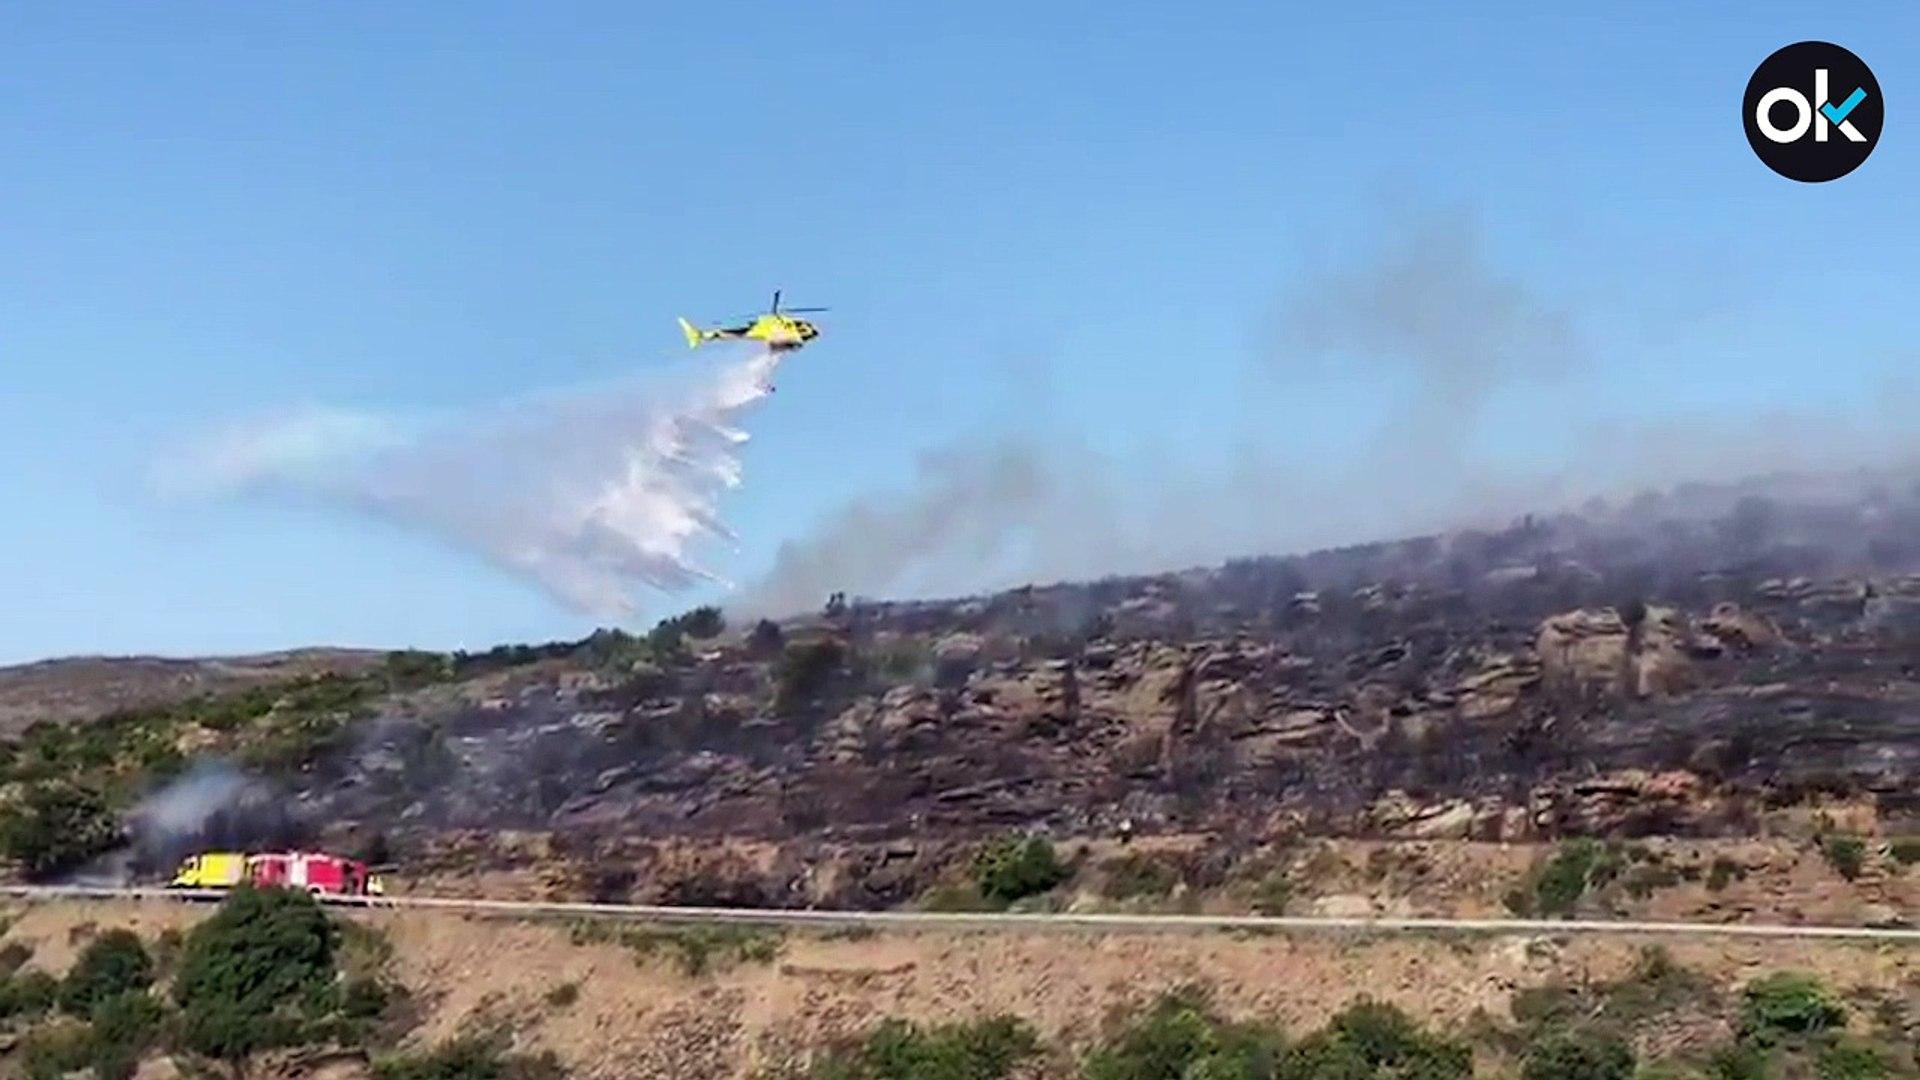 Un helicóptero ayuda a apagar el incendio forestal de Gerona